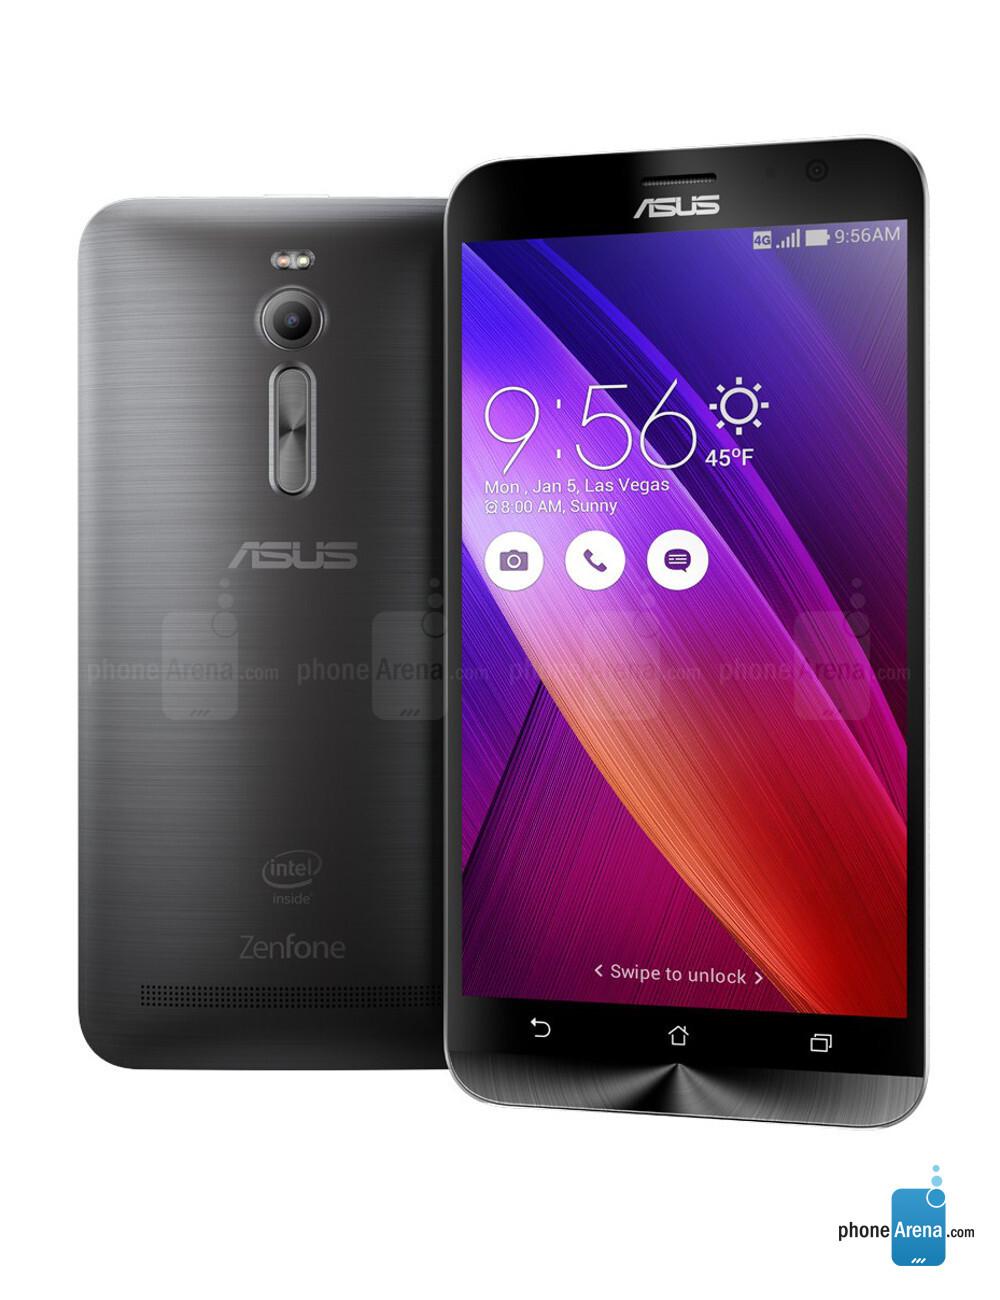 Asus Zenfone 2 Full Specs